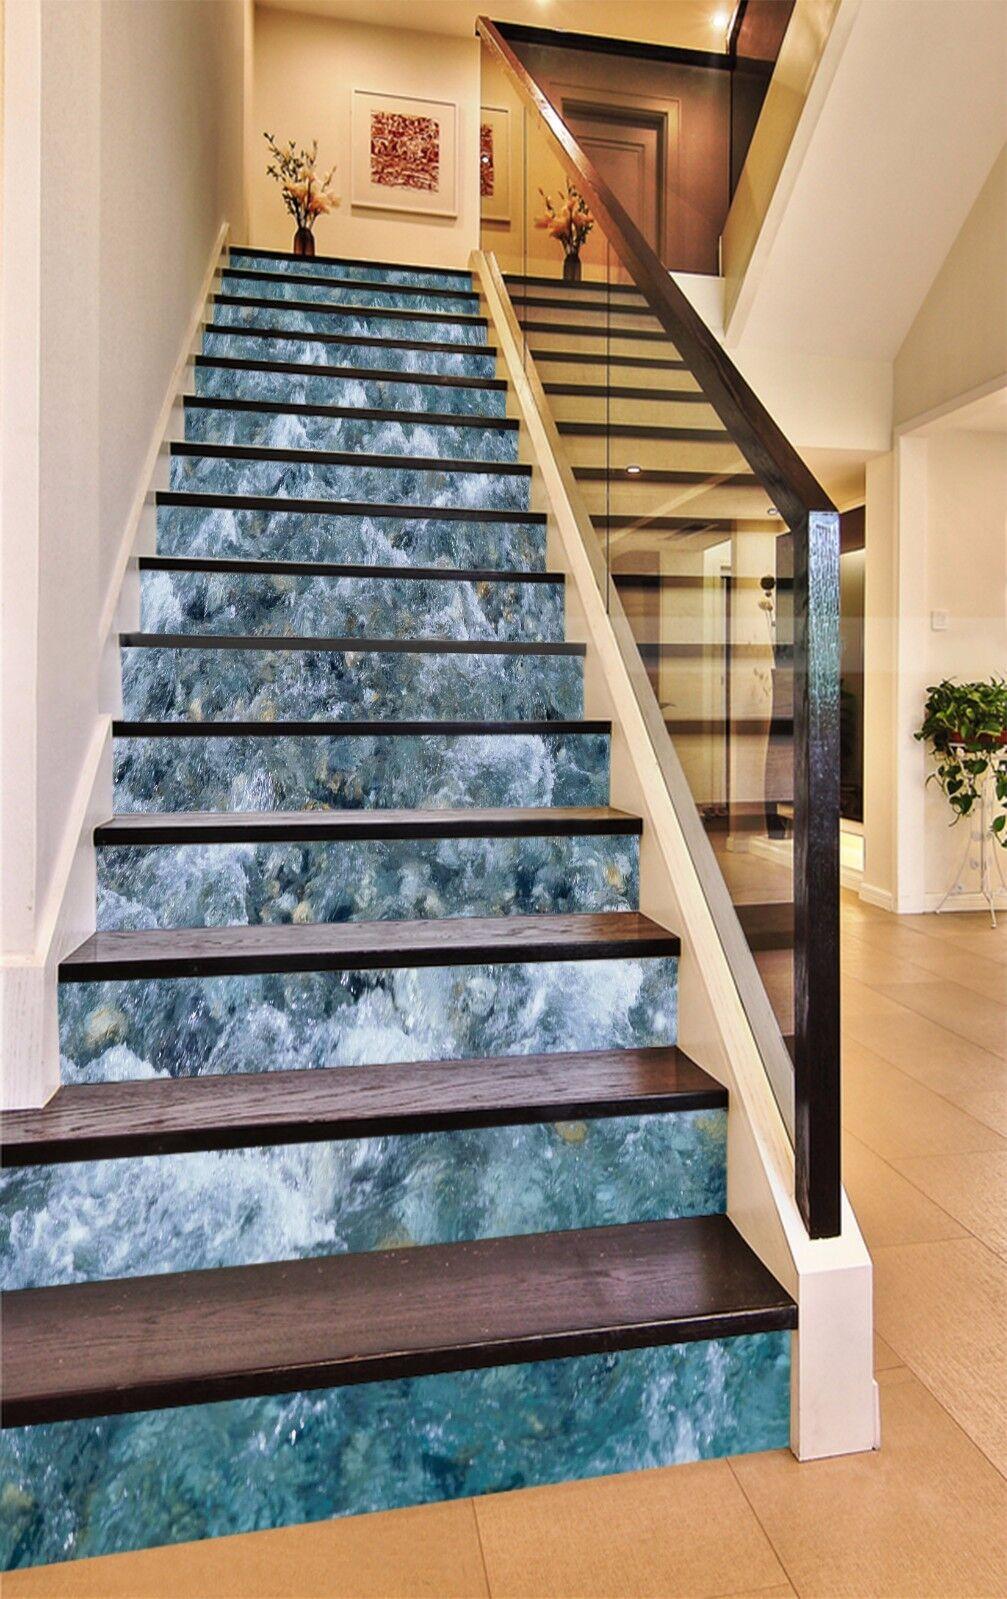 3D Waves Flow 861 Stair Risers Decoration Photo Mural Vinyl Decal WandPapier AU